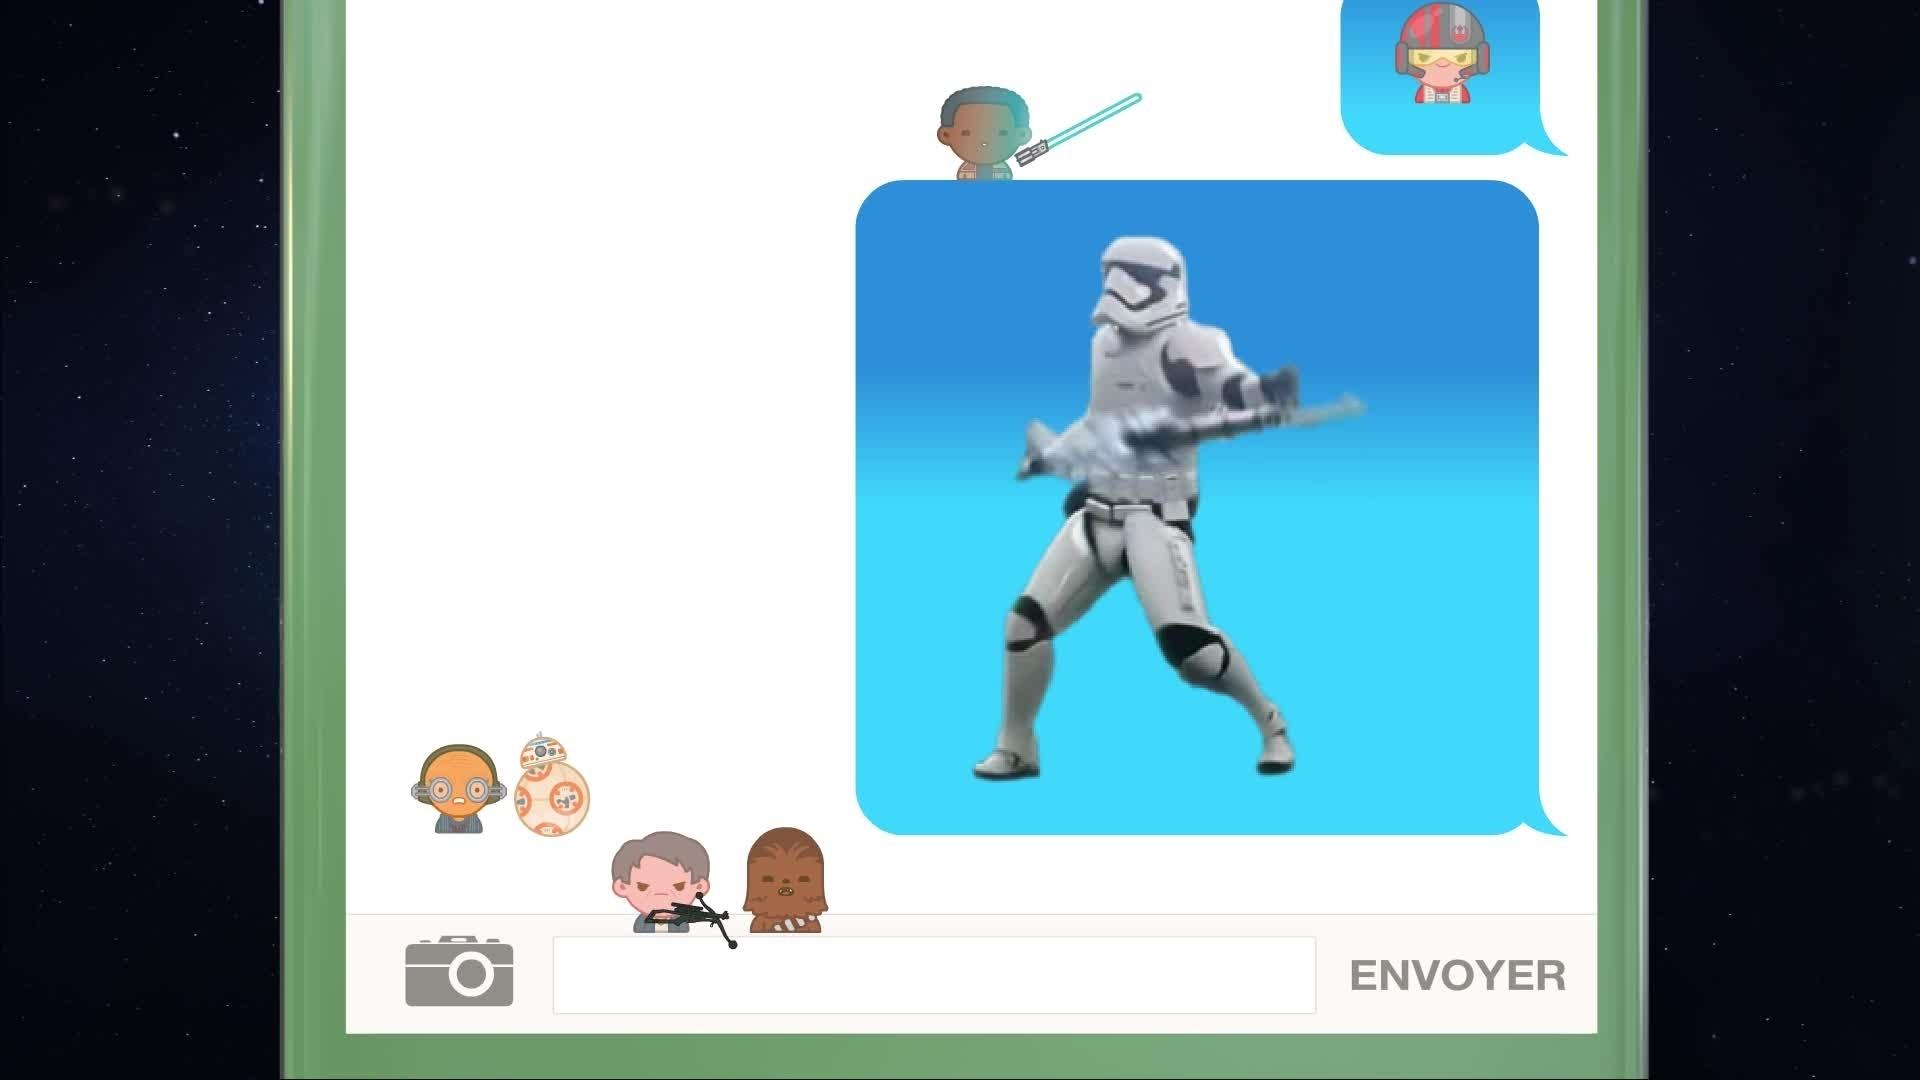 Disney Emojis - Star Wars: Le Réveil de la Force raconté en emojis